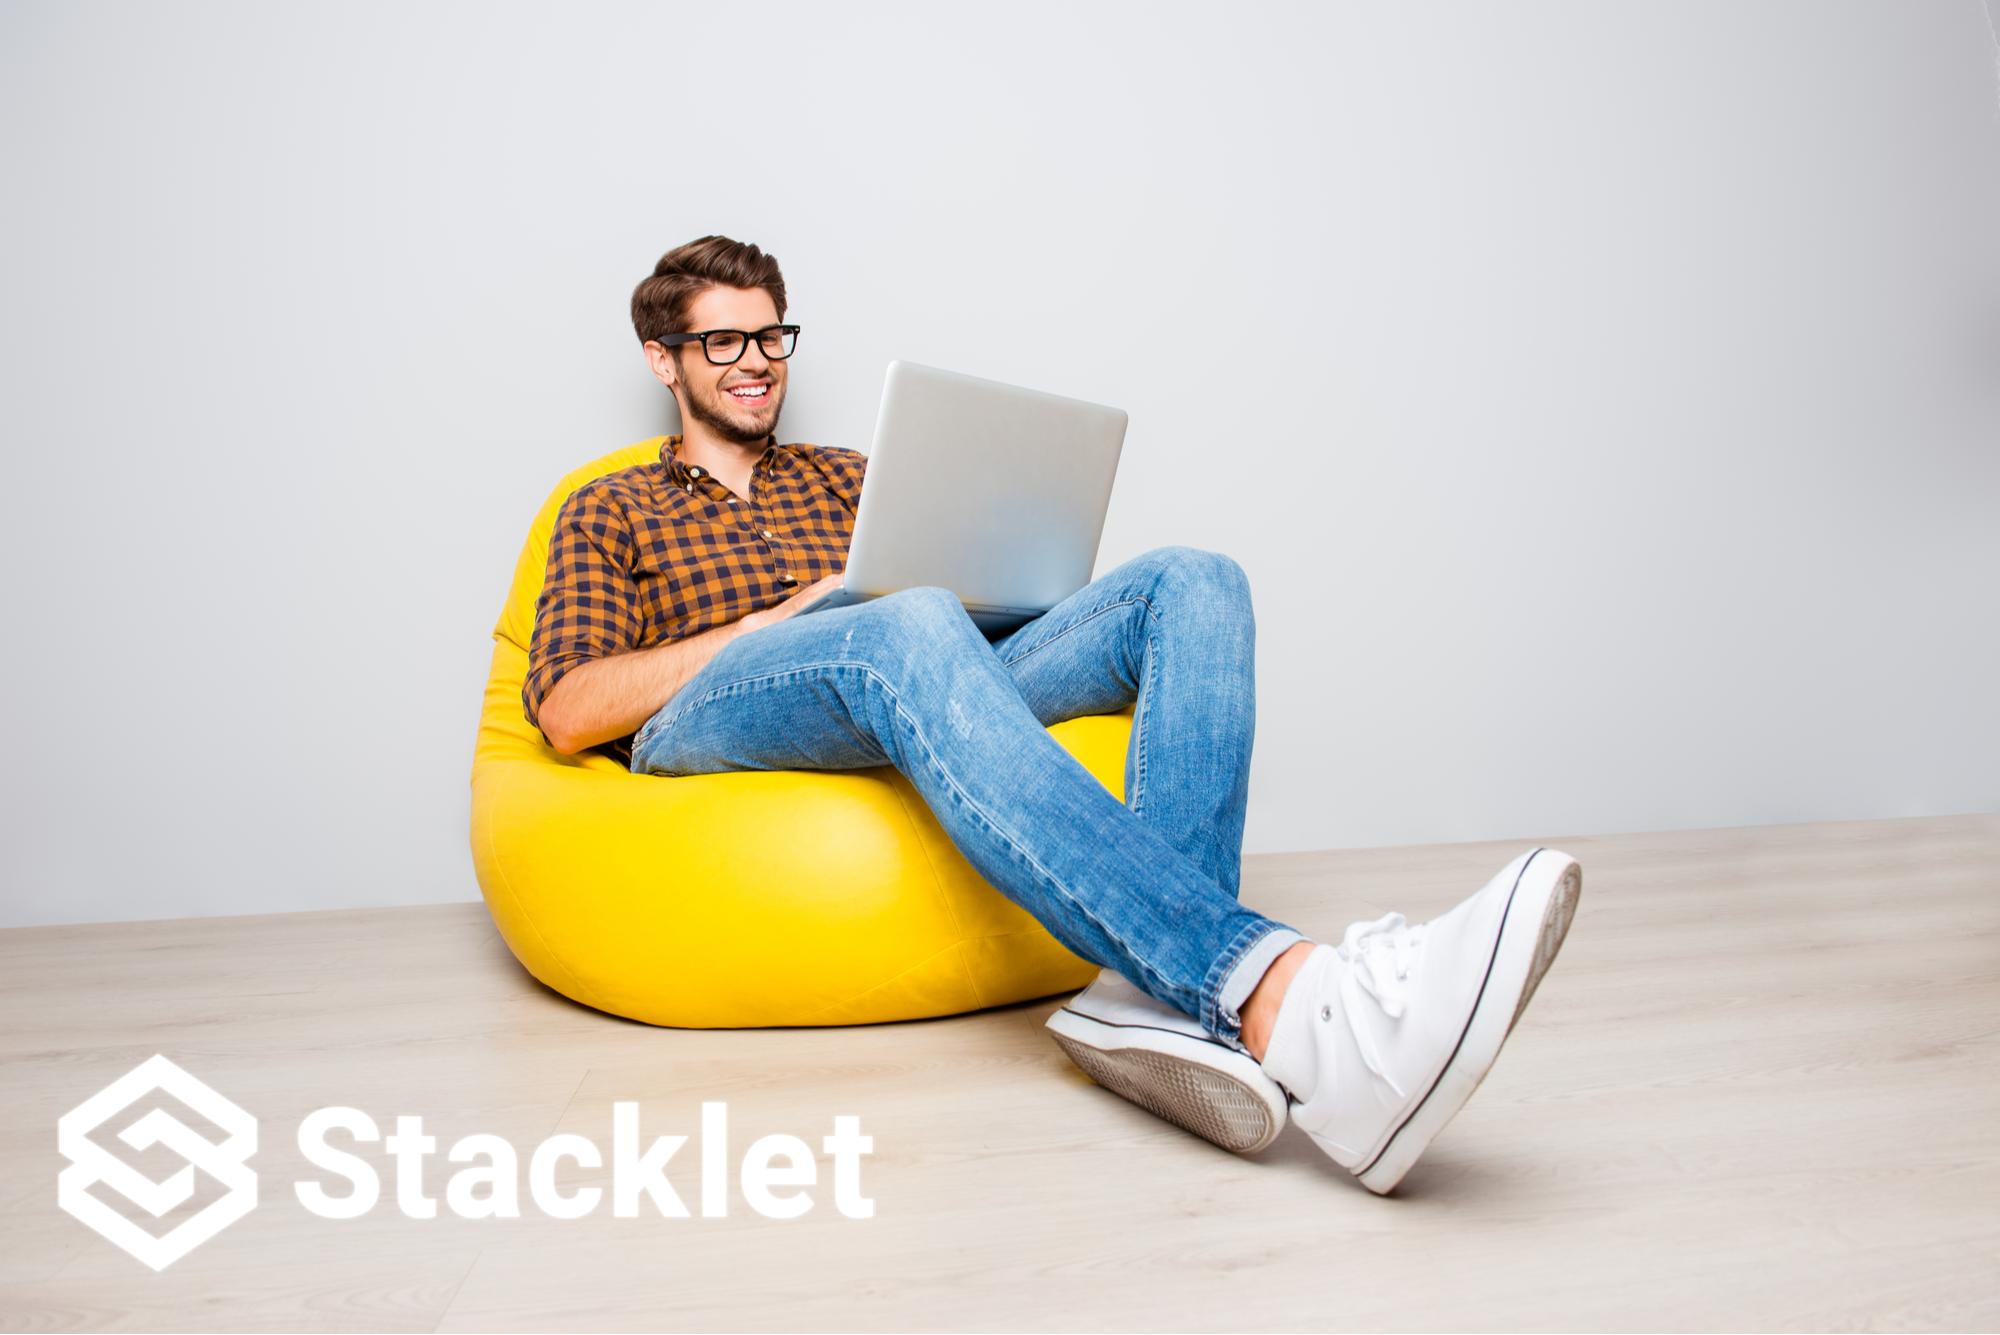 stacklet-jobs-bean-bag